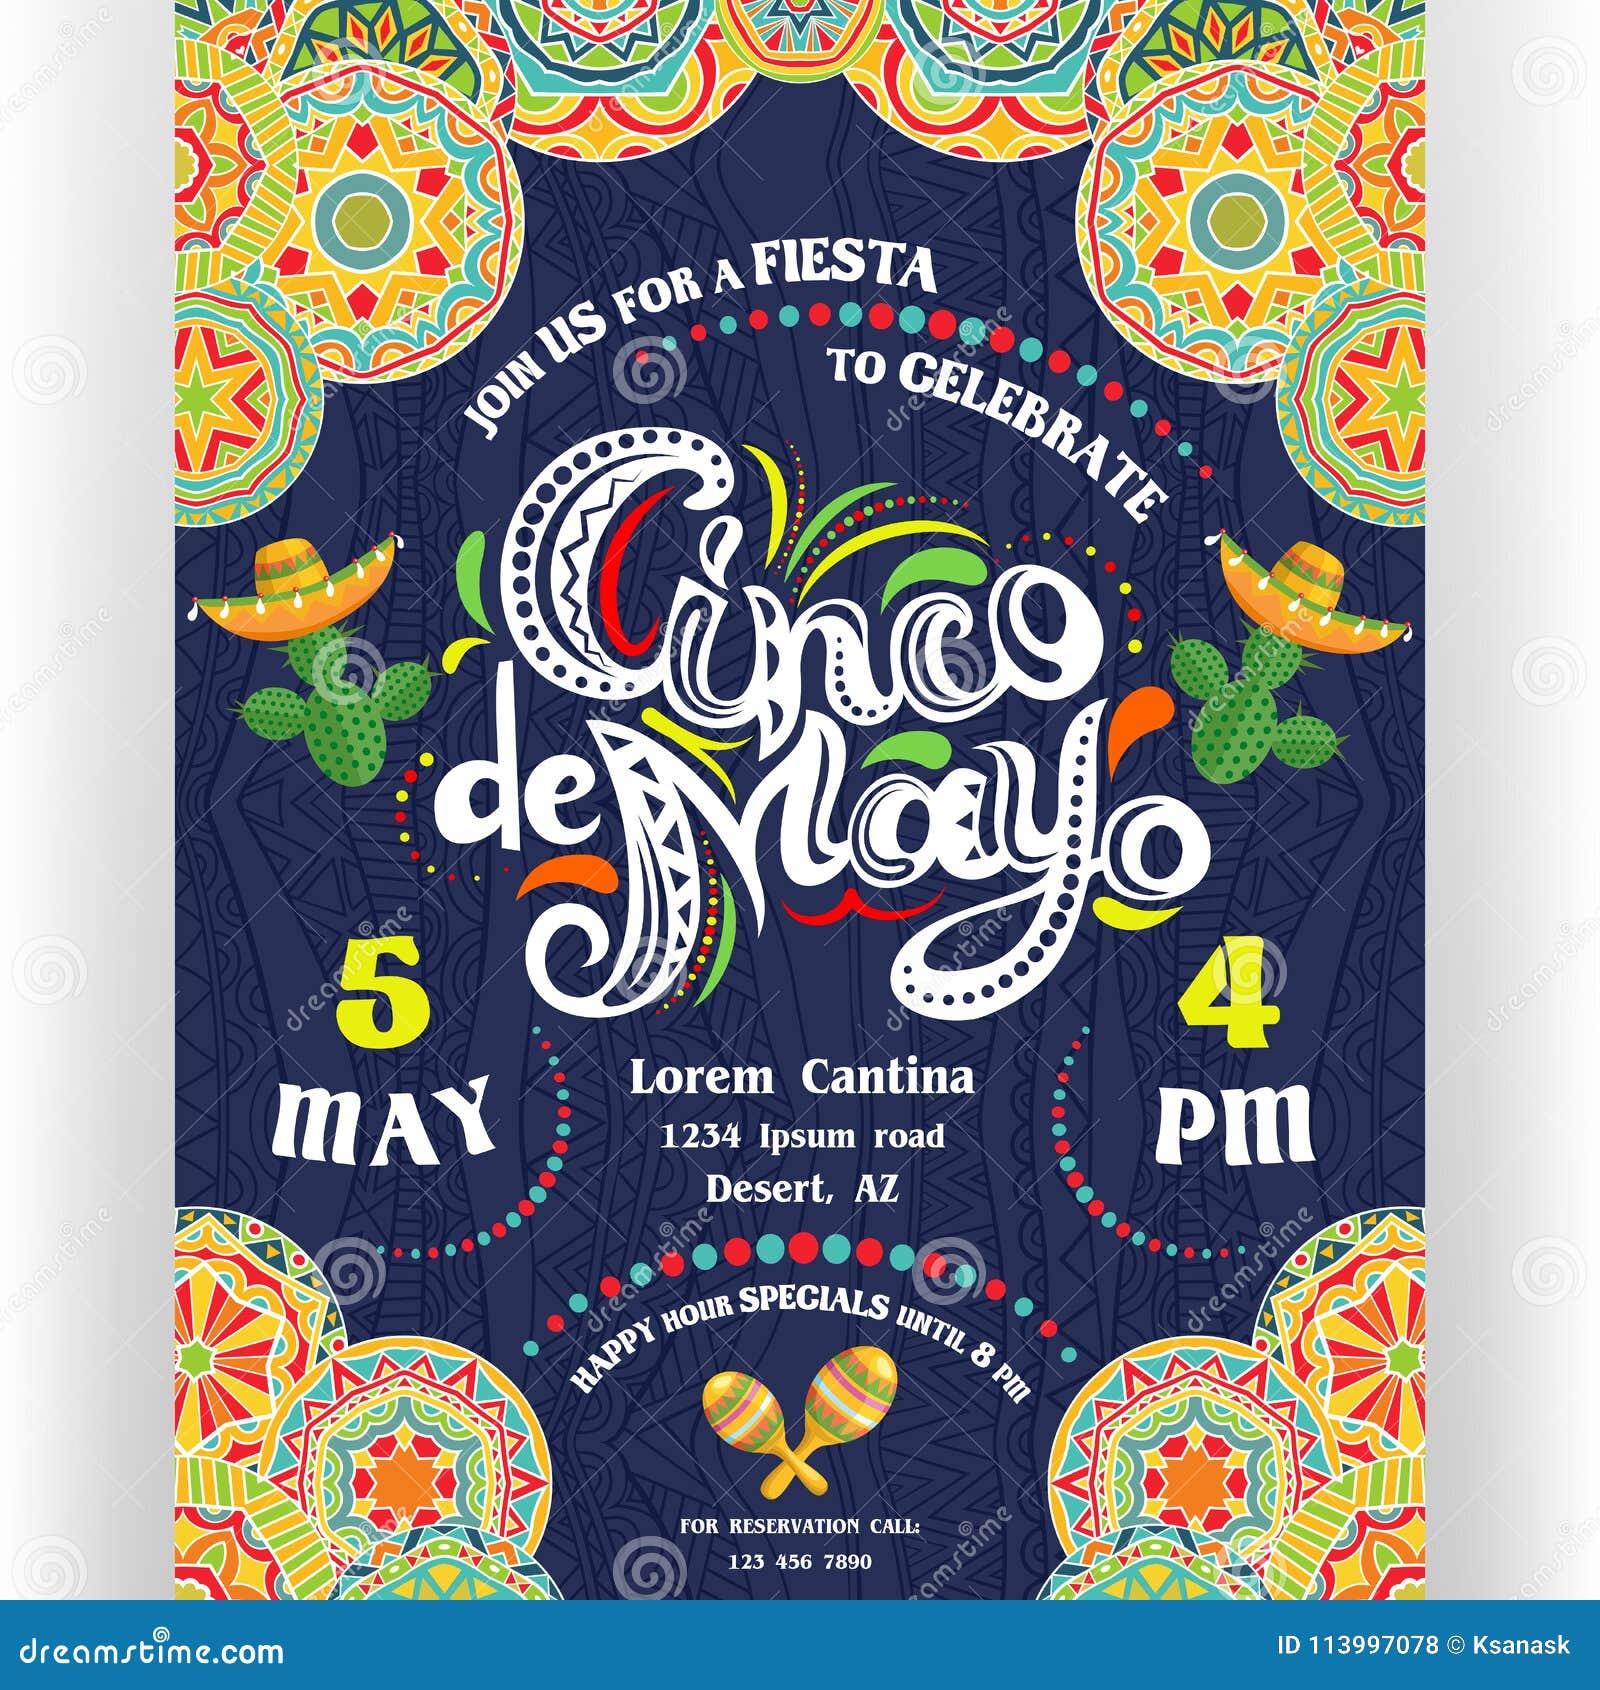 Cinco De Mayo die affichemalplaatje aankondigen